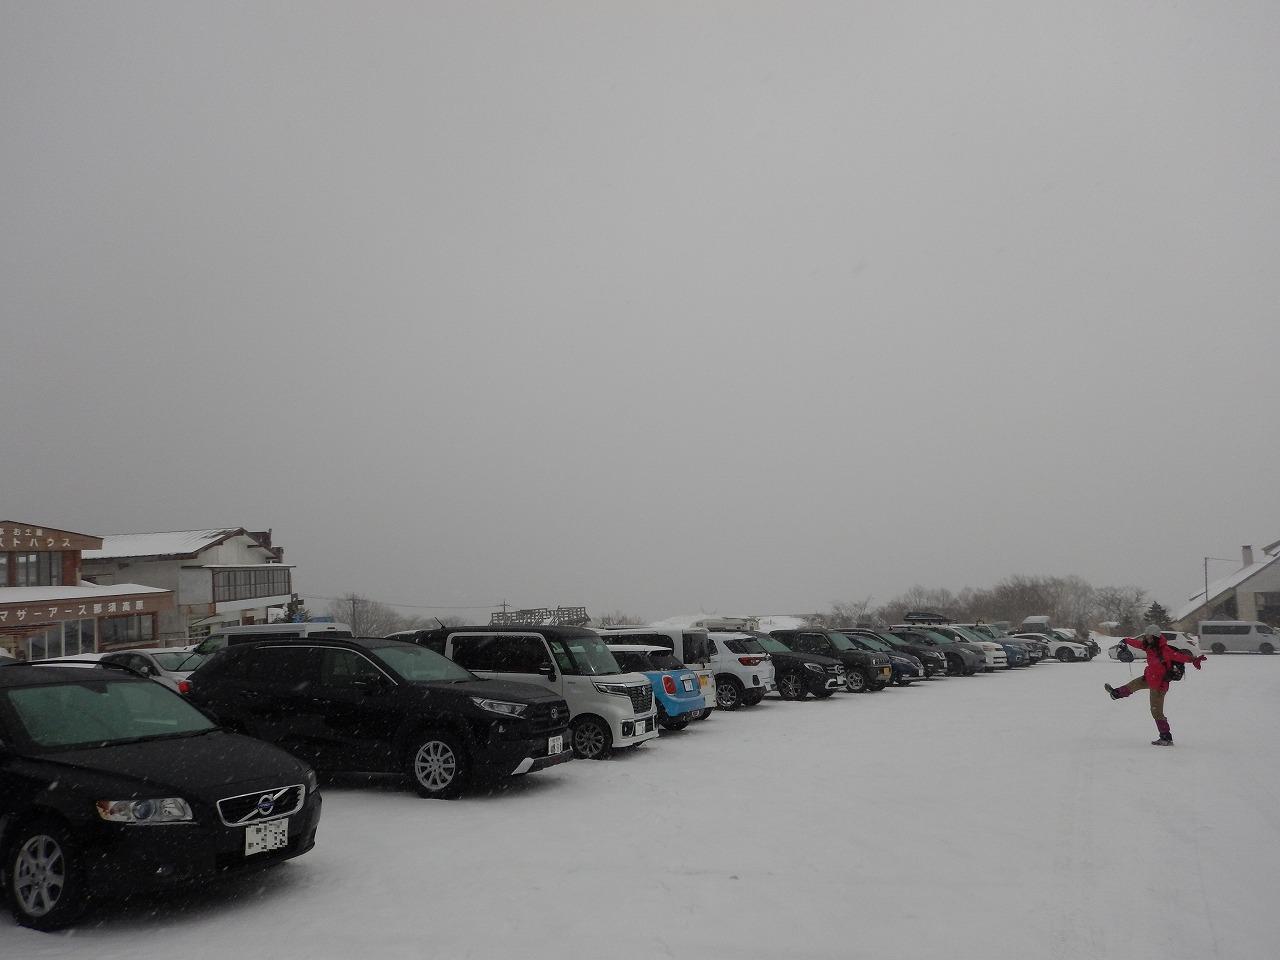 ごった返す駐車場